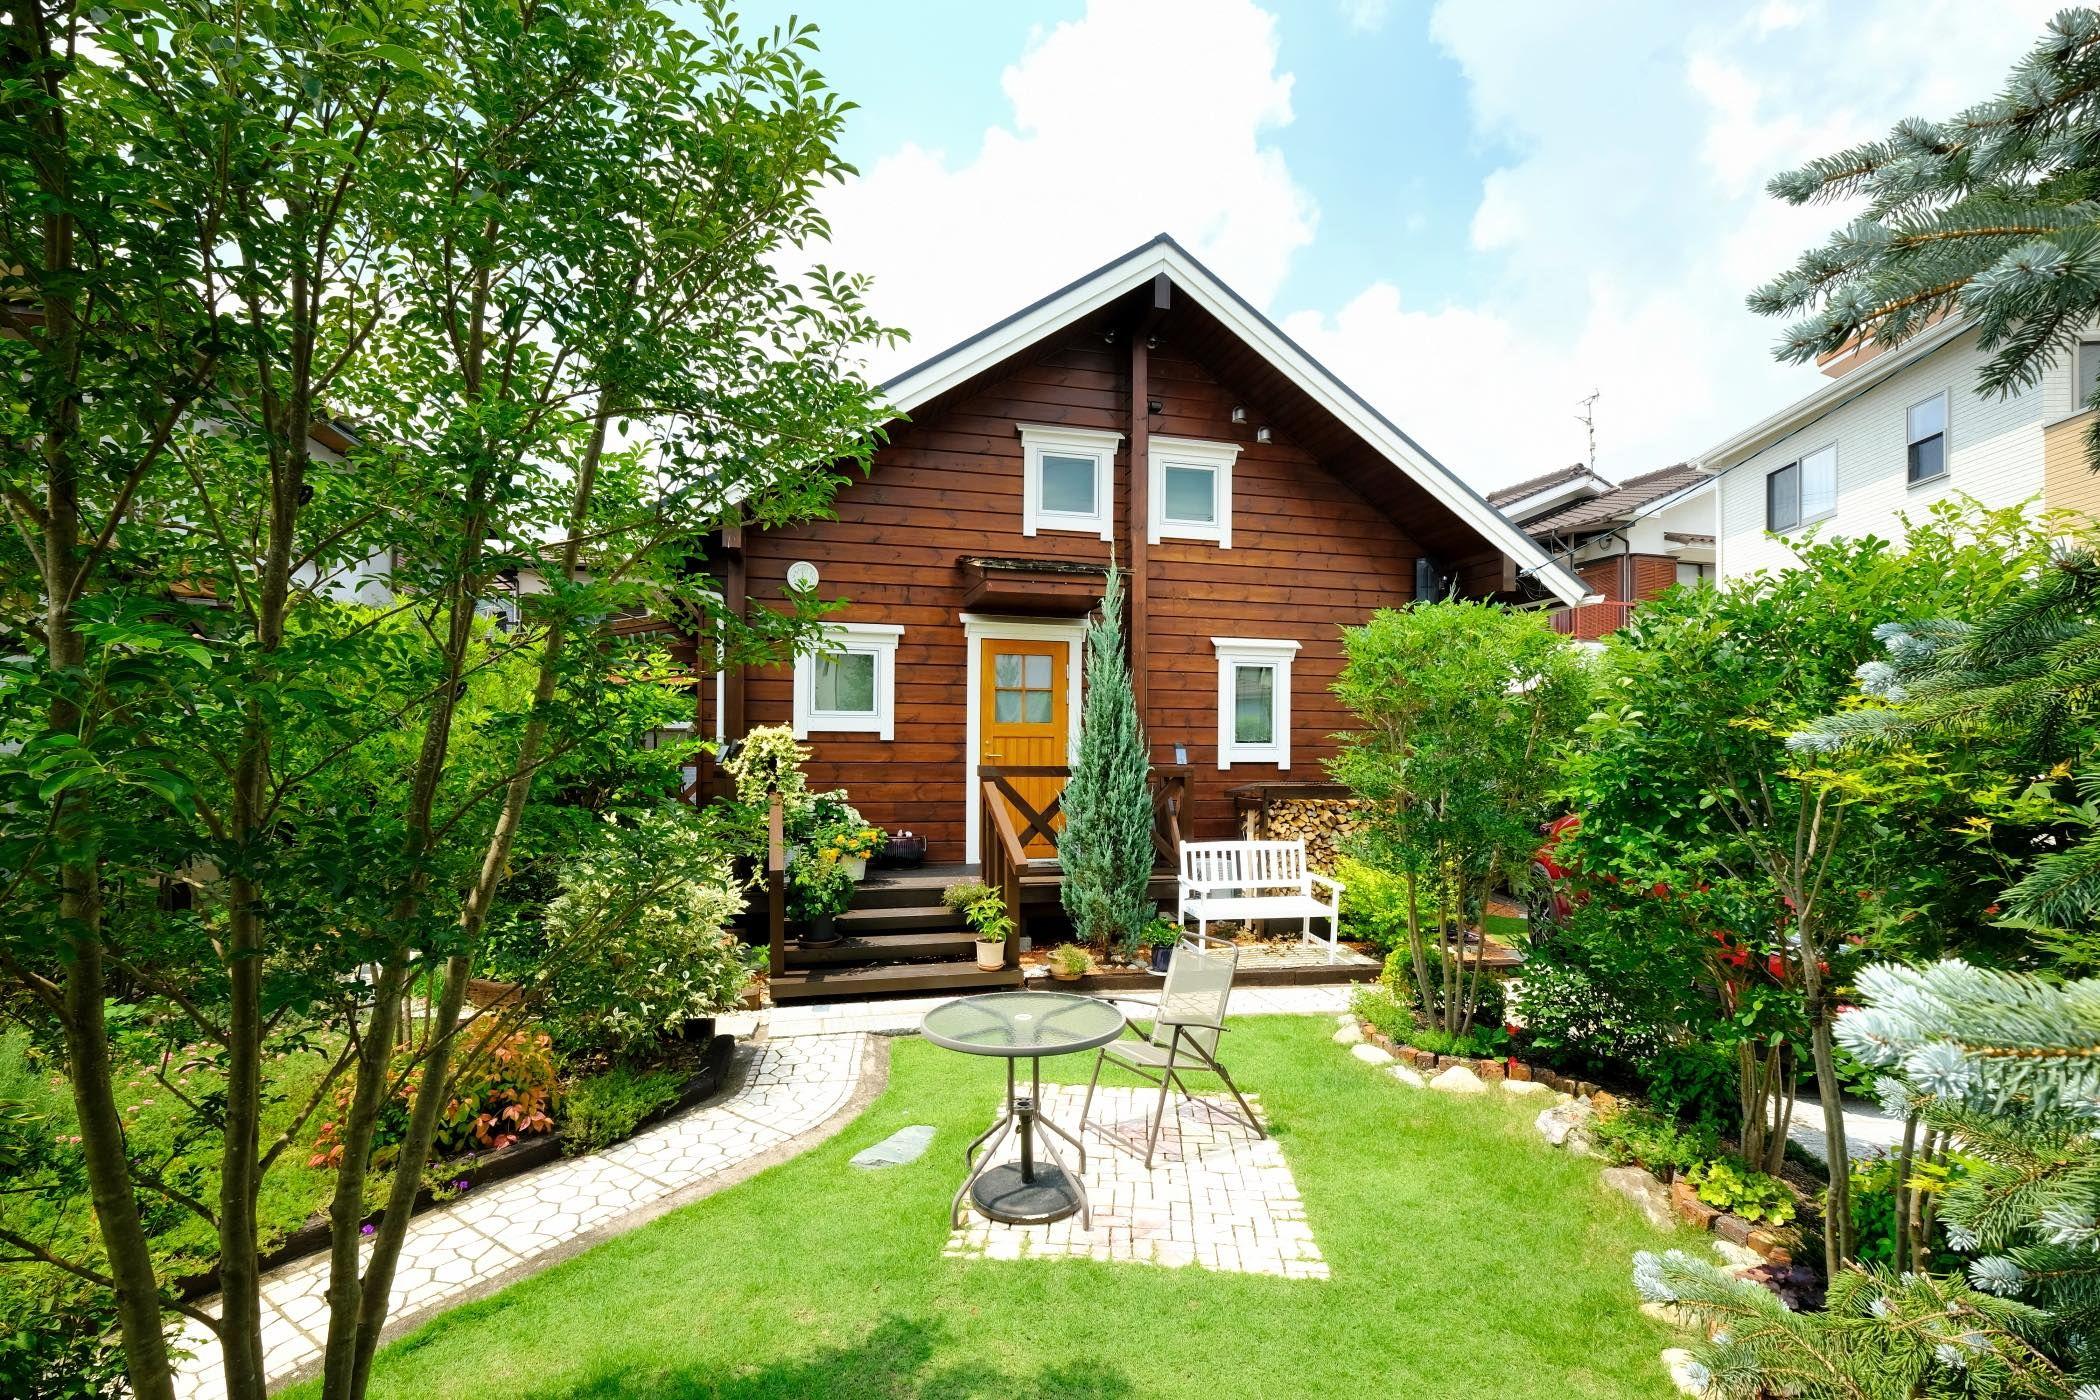 美しい自作のお庭を愛でる住宅街のログハウス ホームウェア 庭 エクステリア